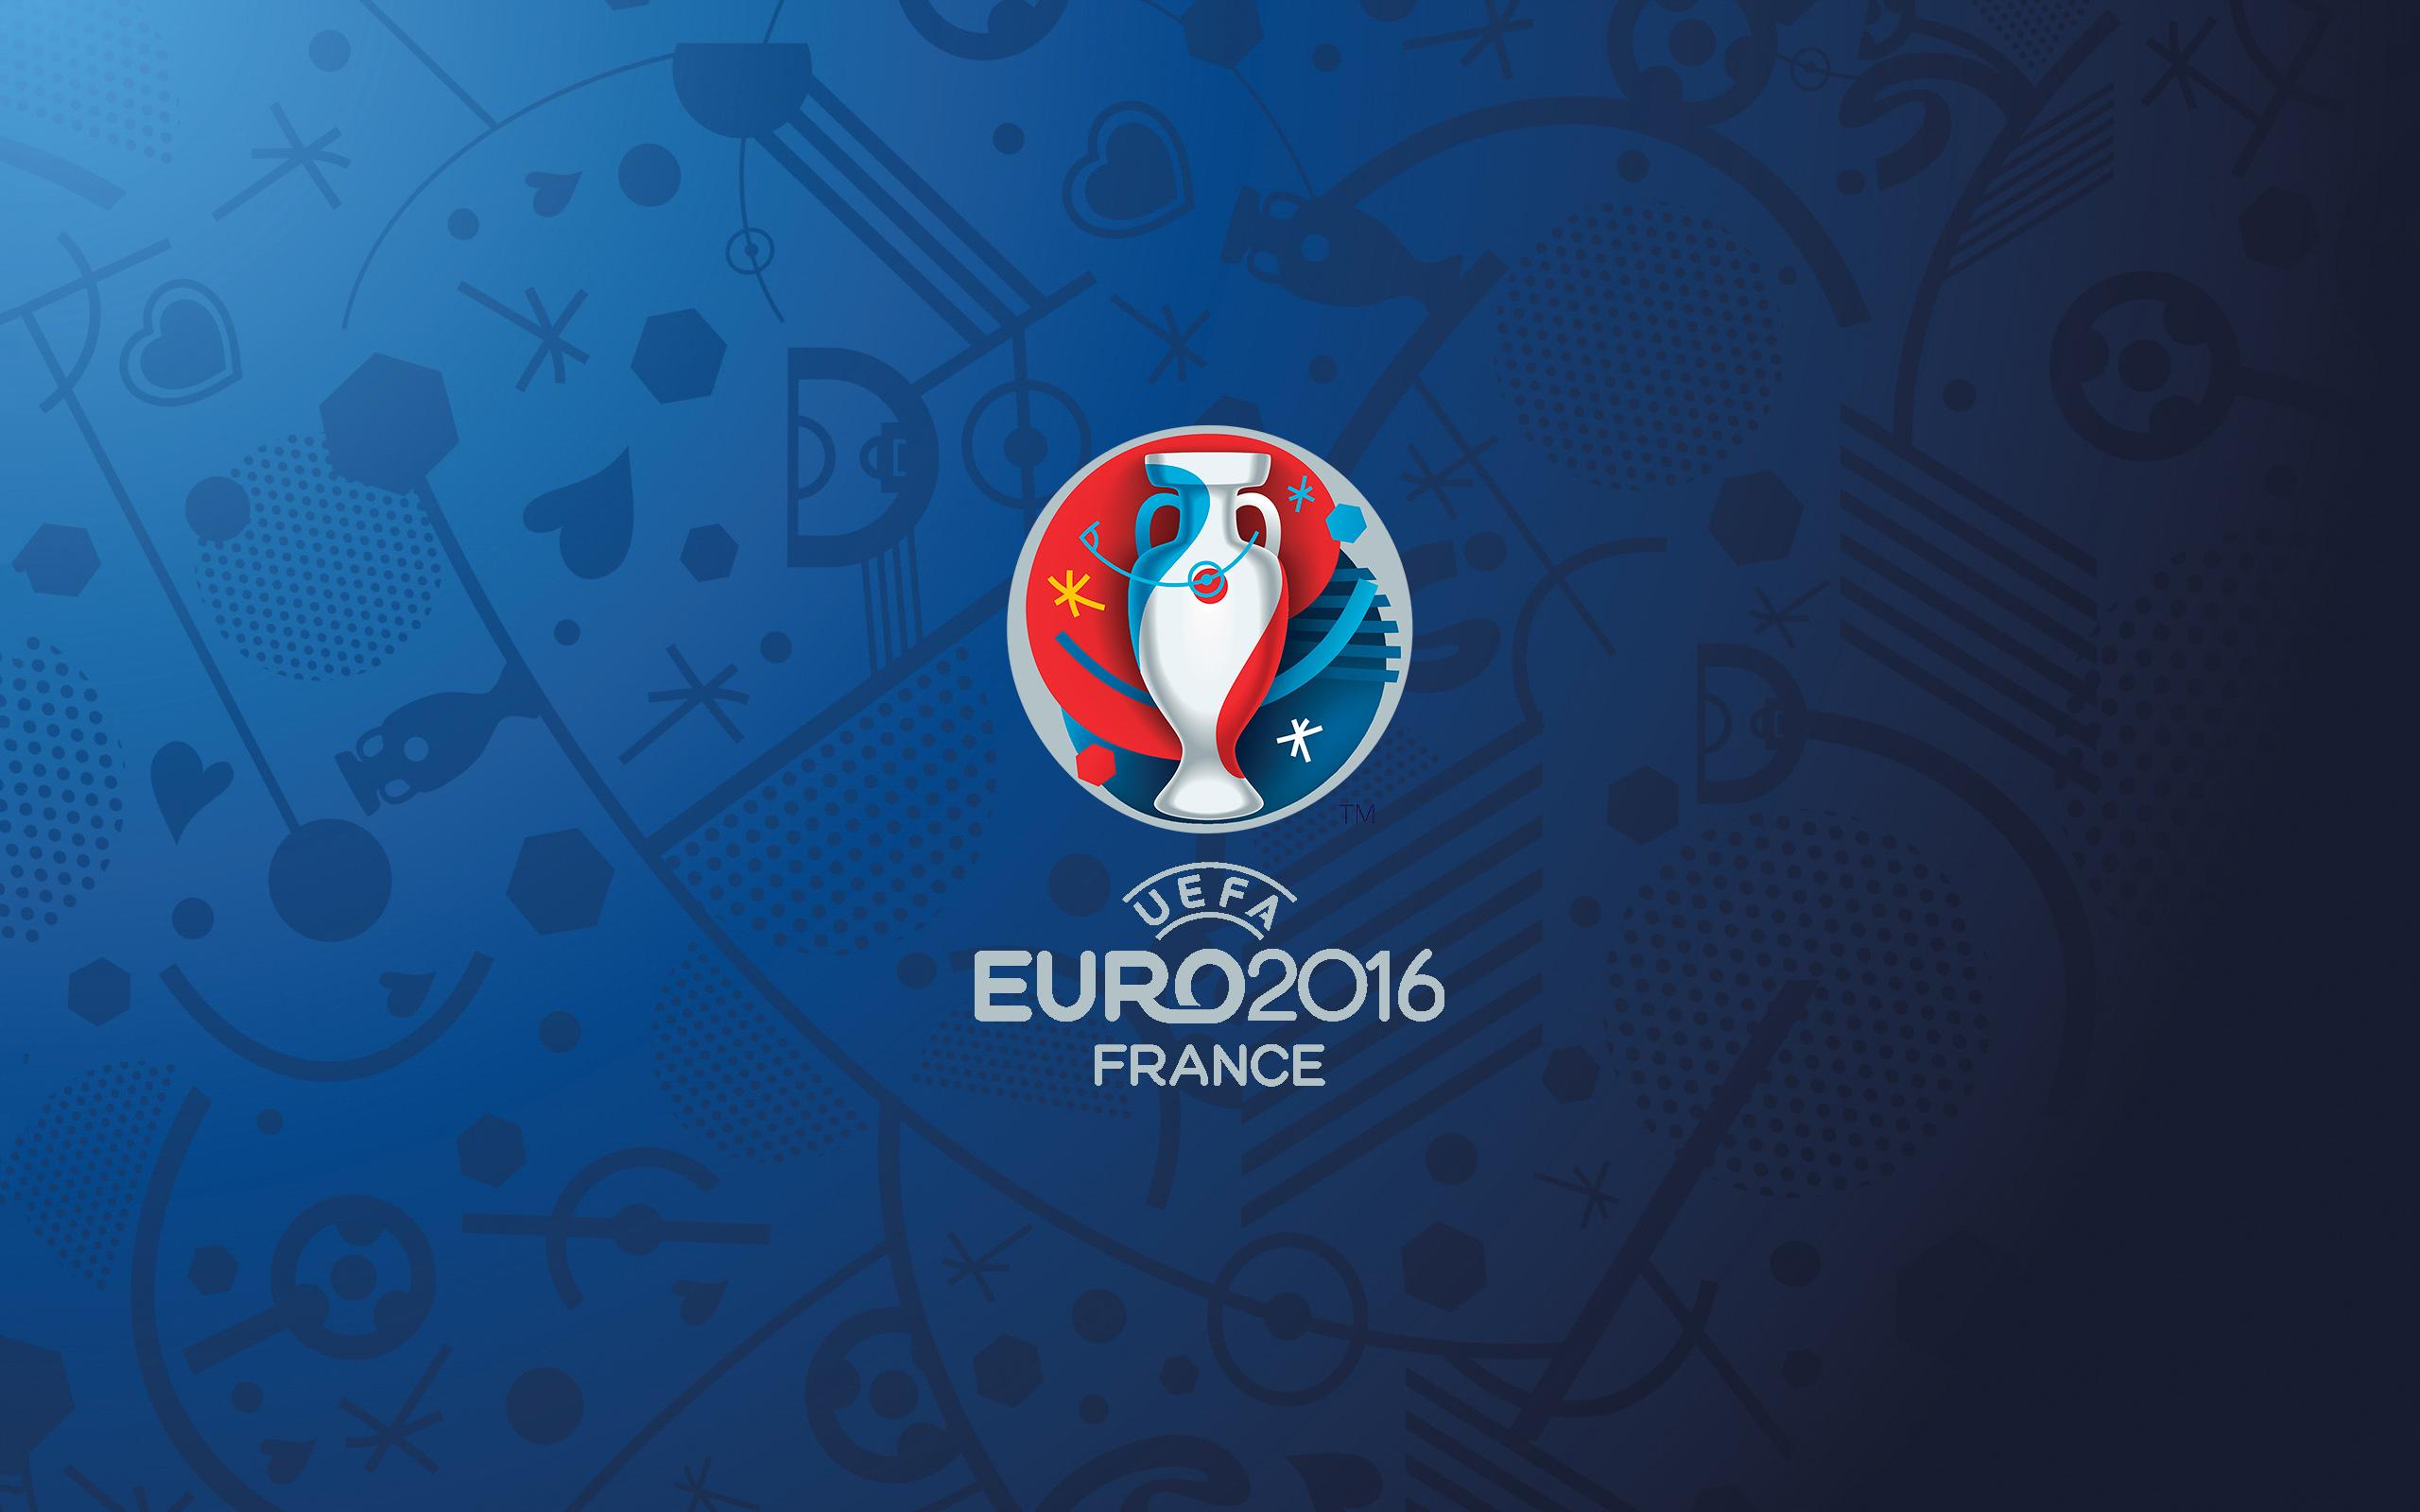 Обои euro 2016 groups - e7940